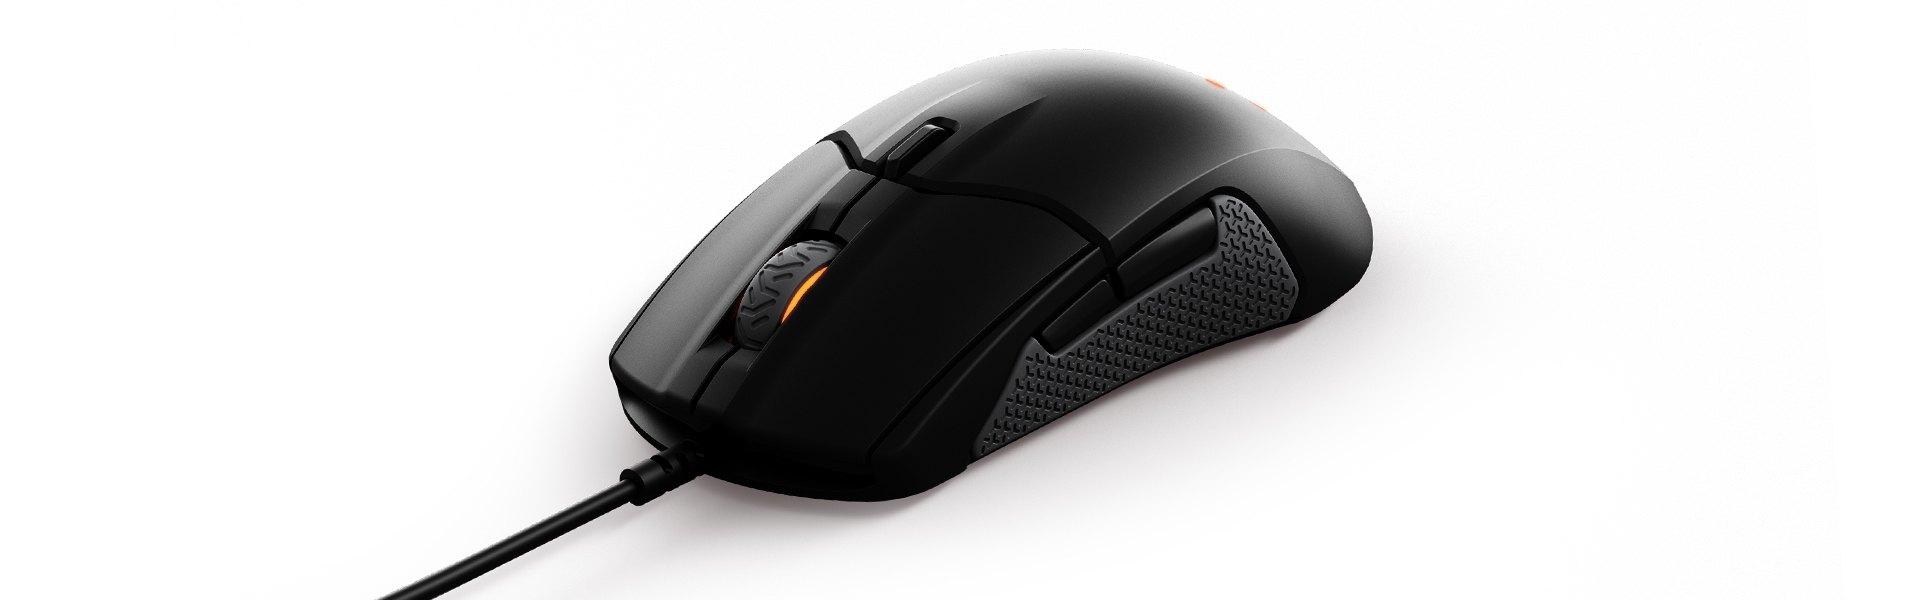 Chuột chơi game SteelSeries Sensei 310 Black (RGB) được thiết kế với chất liệu bền bỉ